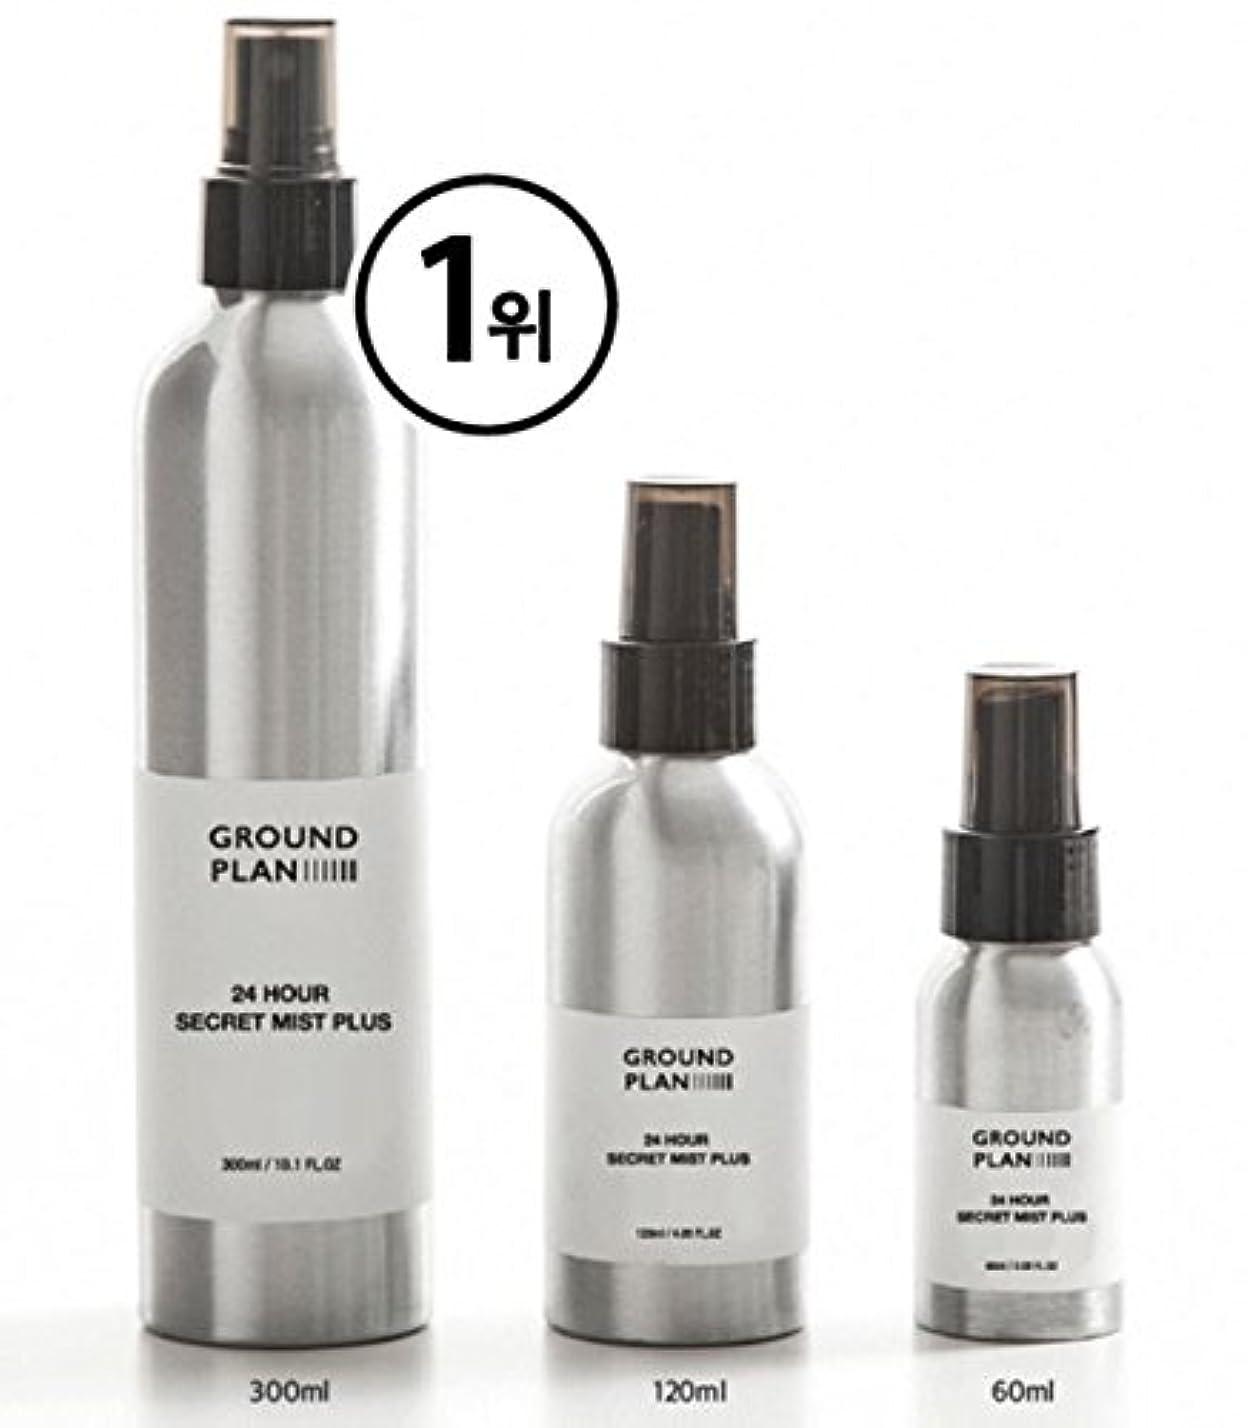 フランクワースリー先史時代の意気消沈した[グラウンド?プラン] 24Hour 秘密 スキンミスト Plus (120ml) (300ml) Ground plan 24 Hour Secret Skin Mist Plus [海外直送品] (120ml)